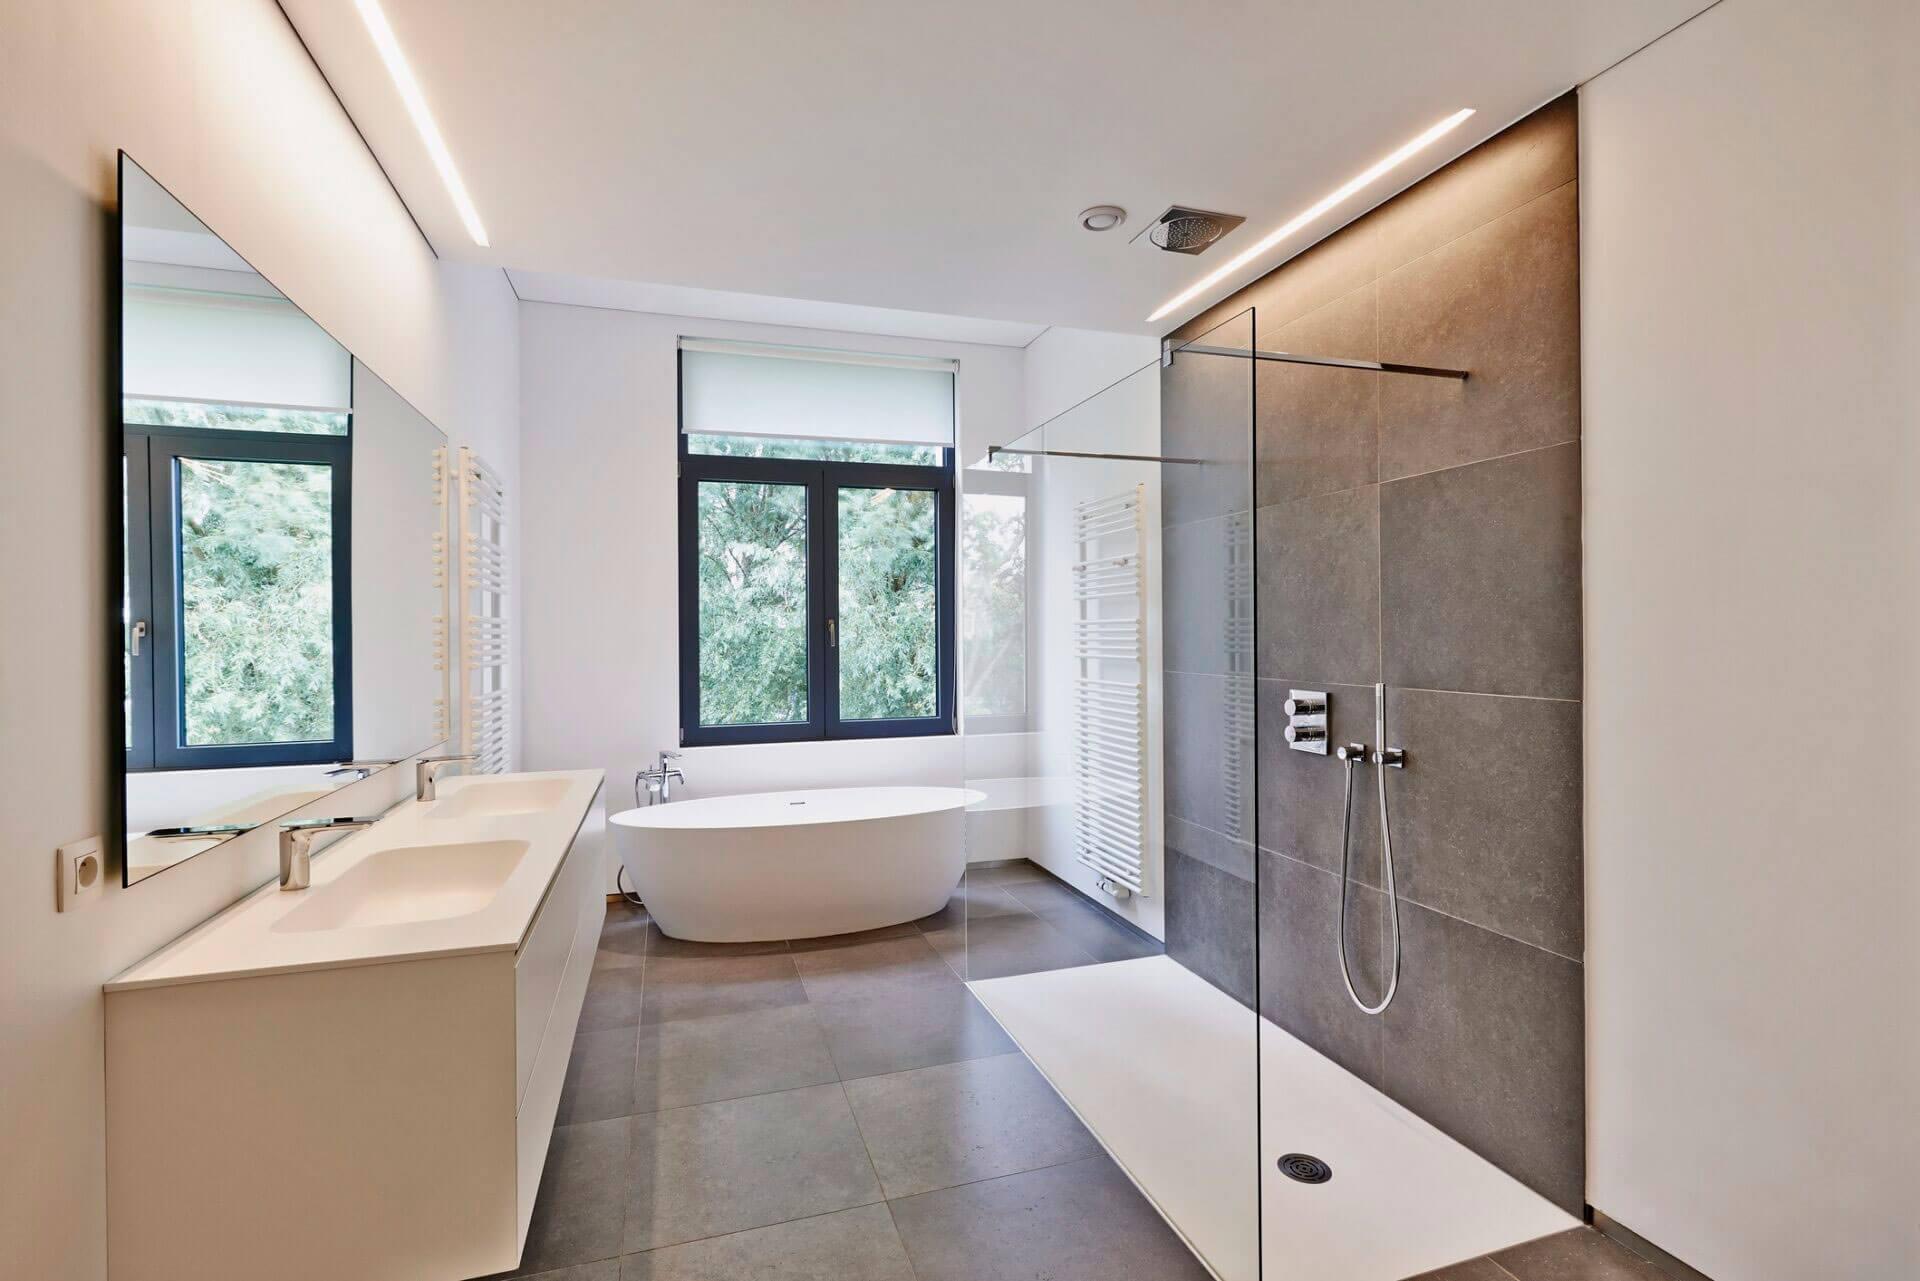 Ciemne okno w łazience.